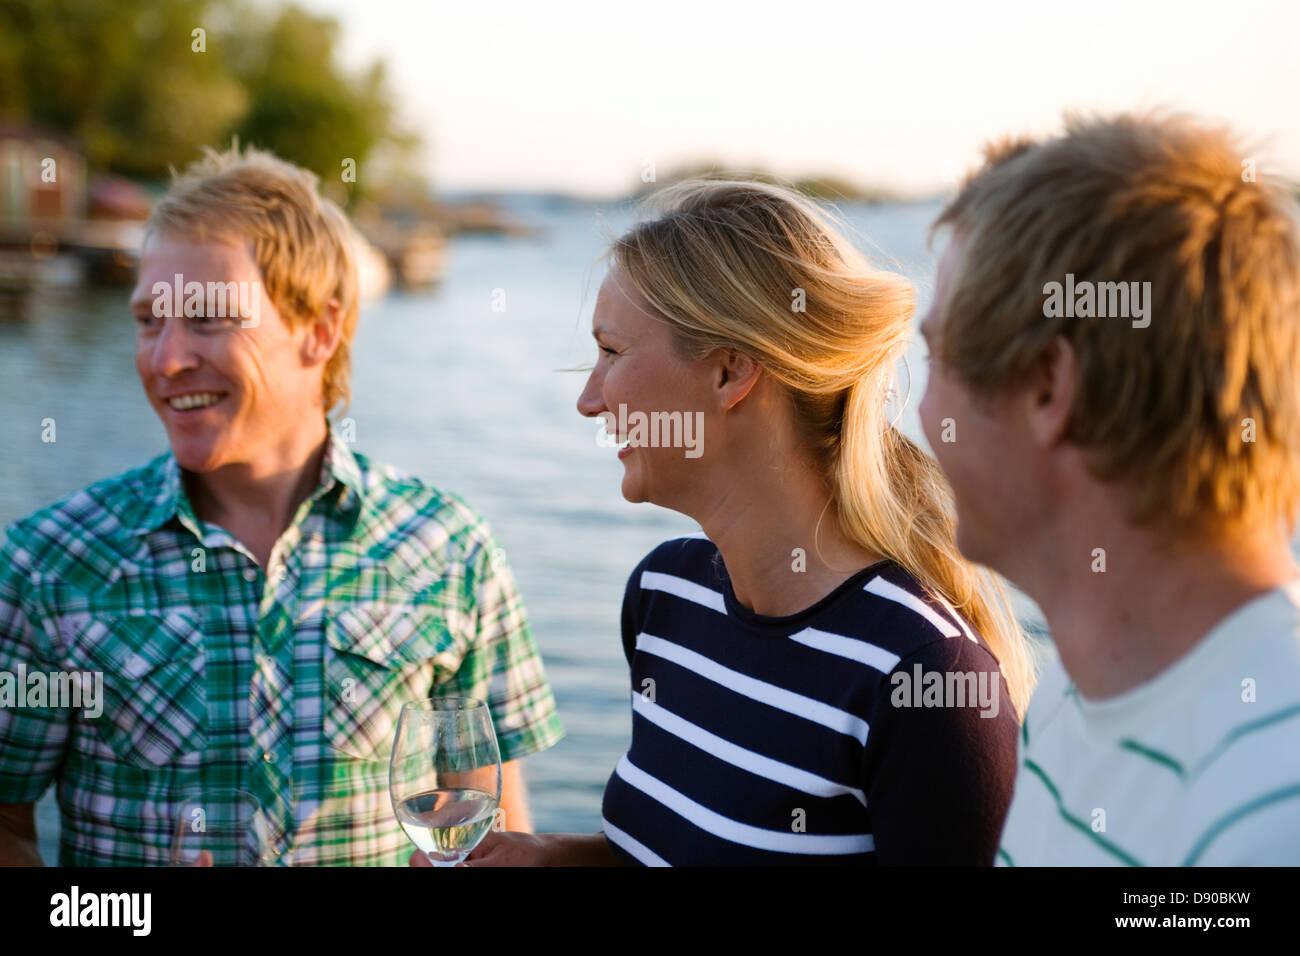 Drei glückliche Menschen, Fejan, Stockholmer Schären, Schweden. Stockfoto